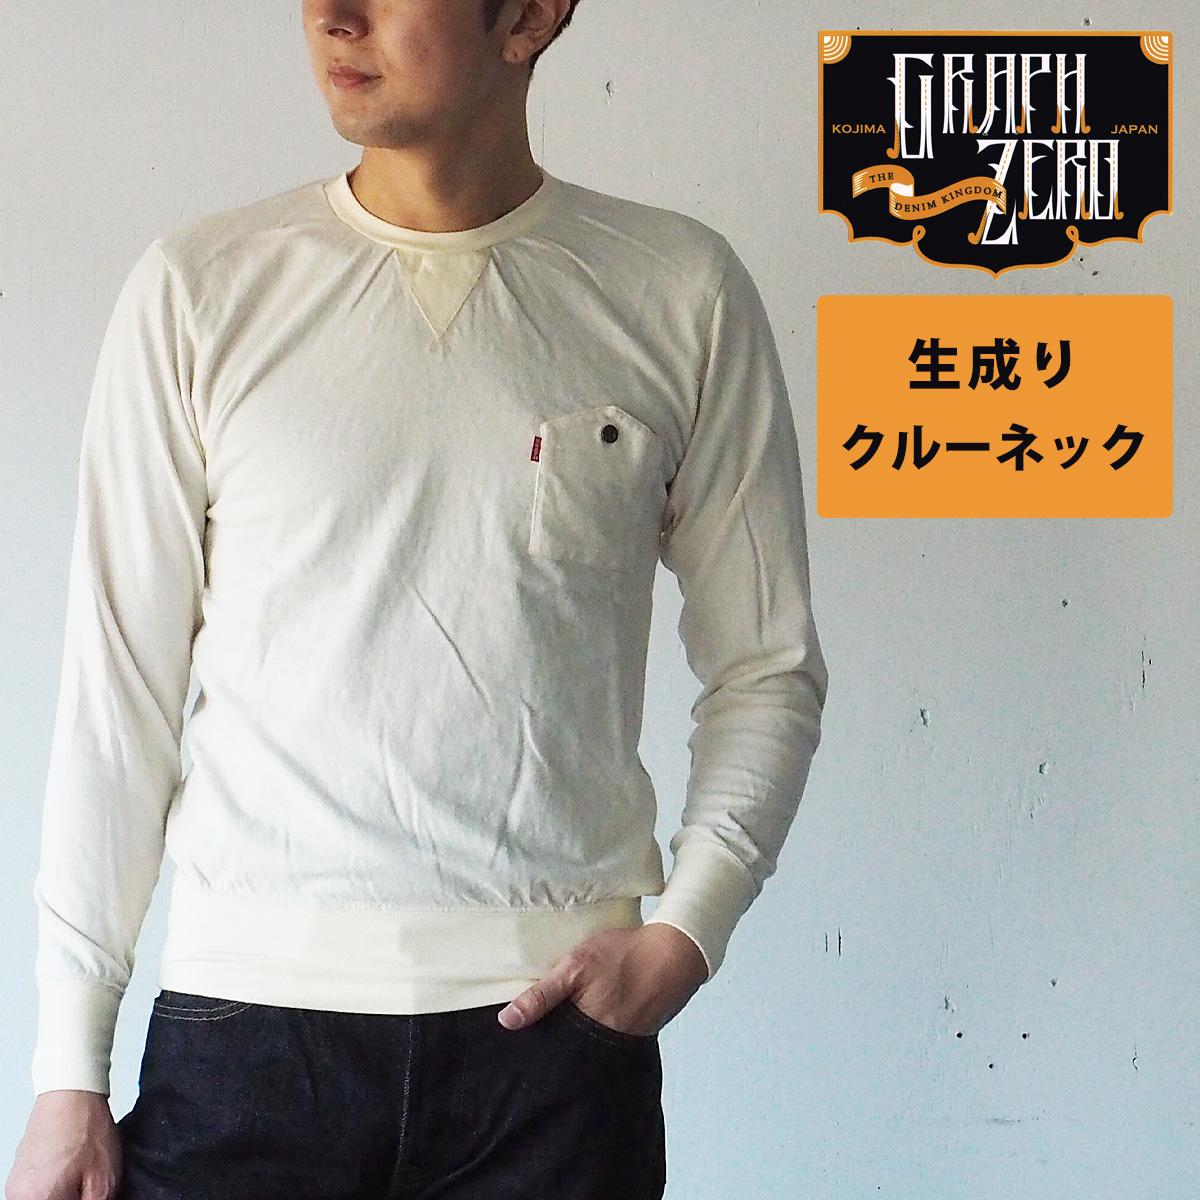 graphzero(グラフゼロ) 山ポケット クルーネックTシャツ 生成 長袖 メンズ [GZ-PTCL-0110-MENS]